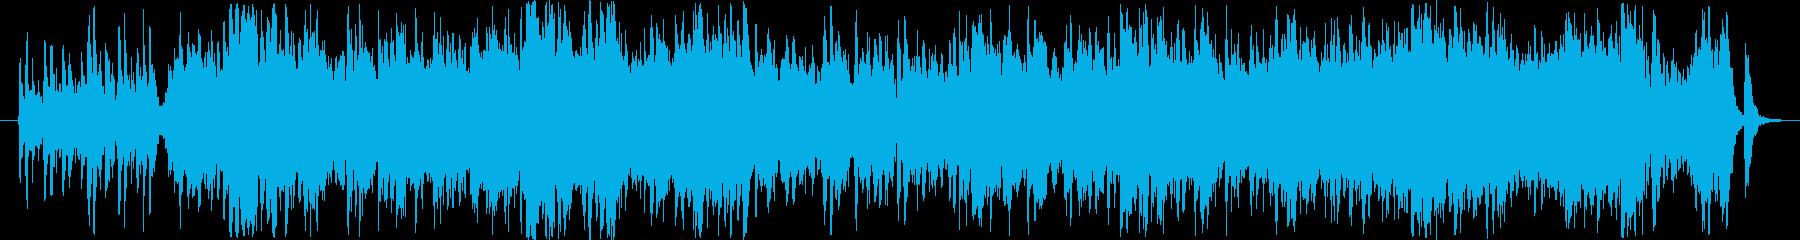 軽快なピチカートワルツファンタジーの再生済みの波形